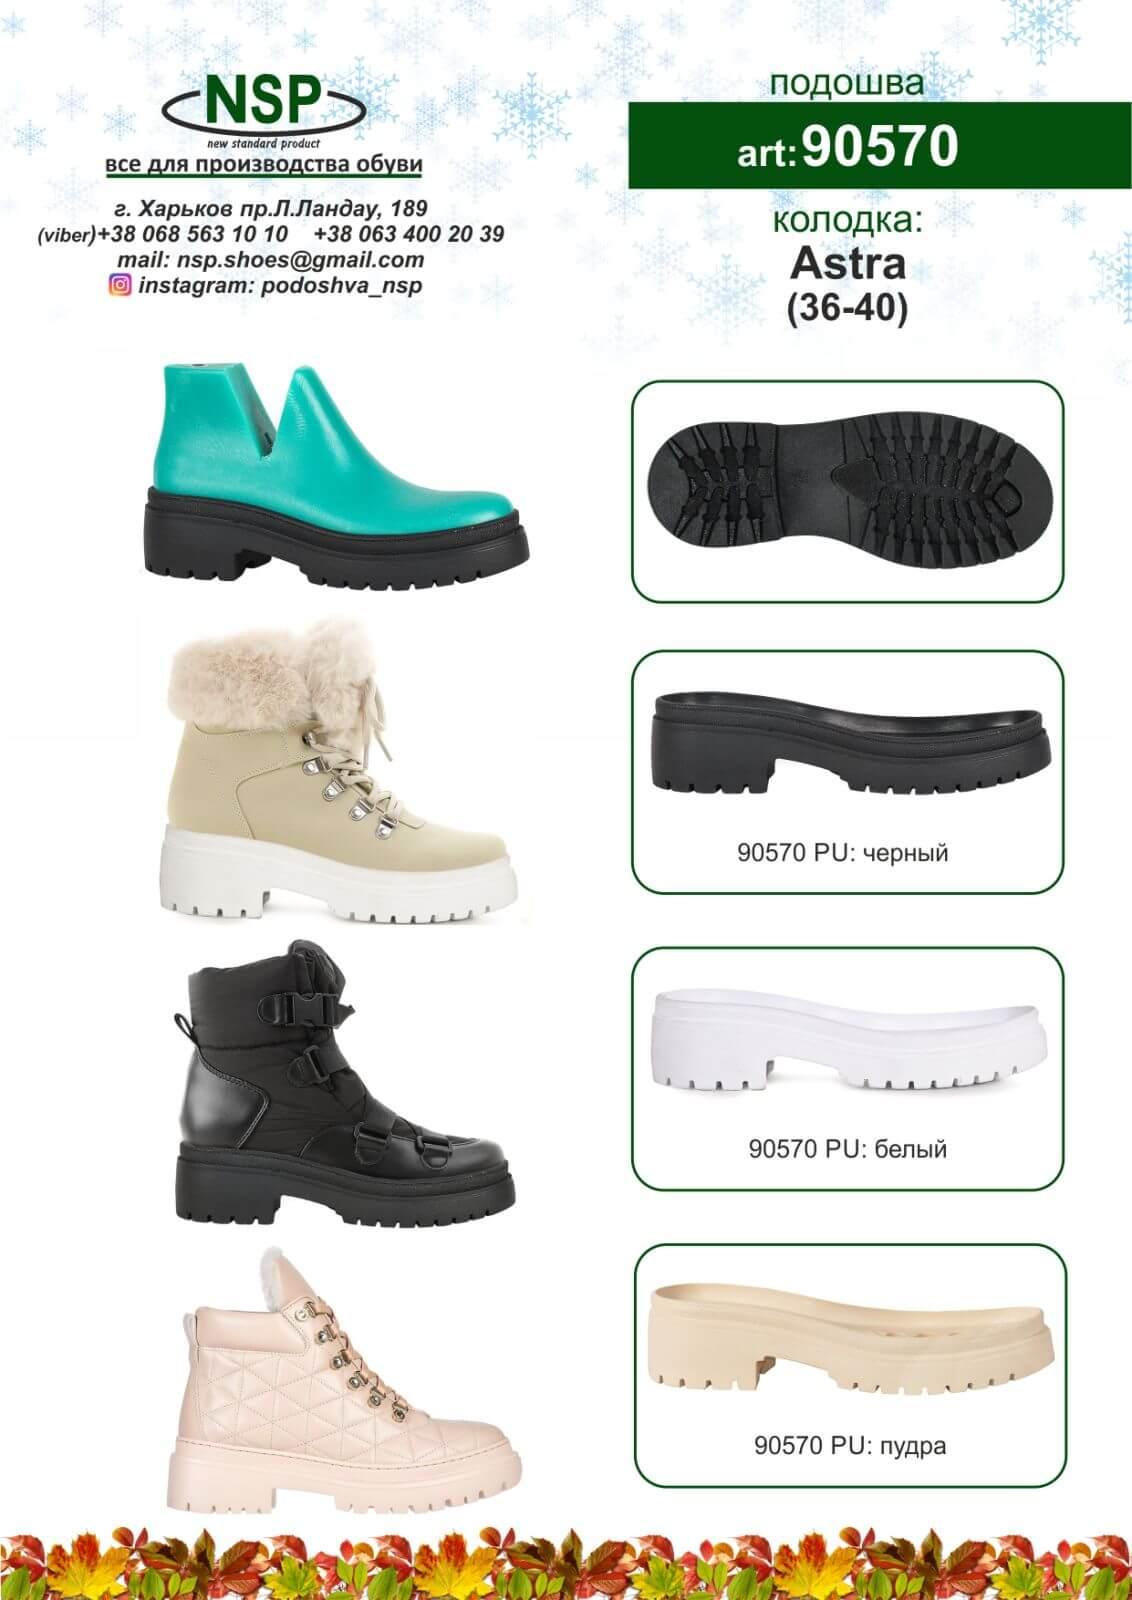 Подошва для женских ботинок арт: 90570